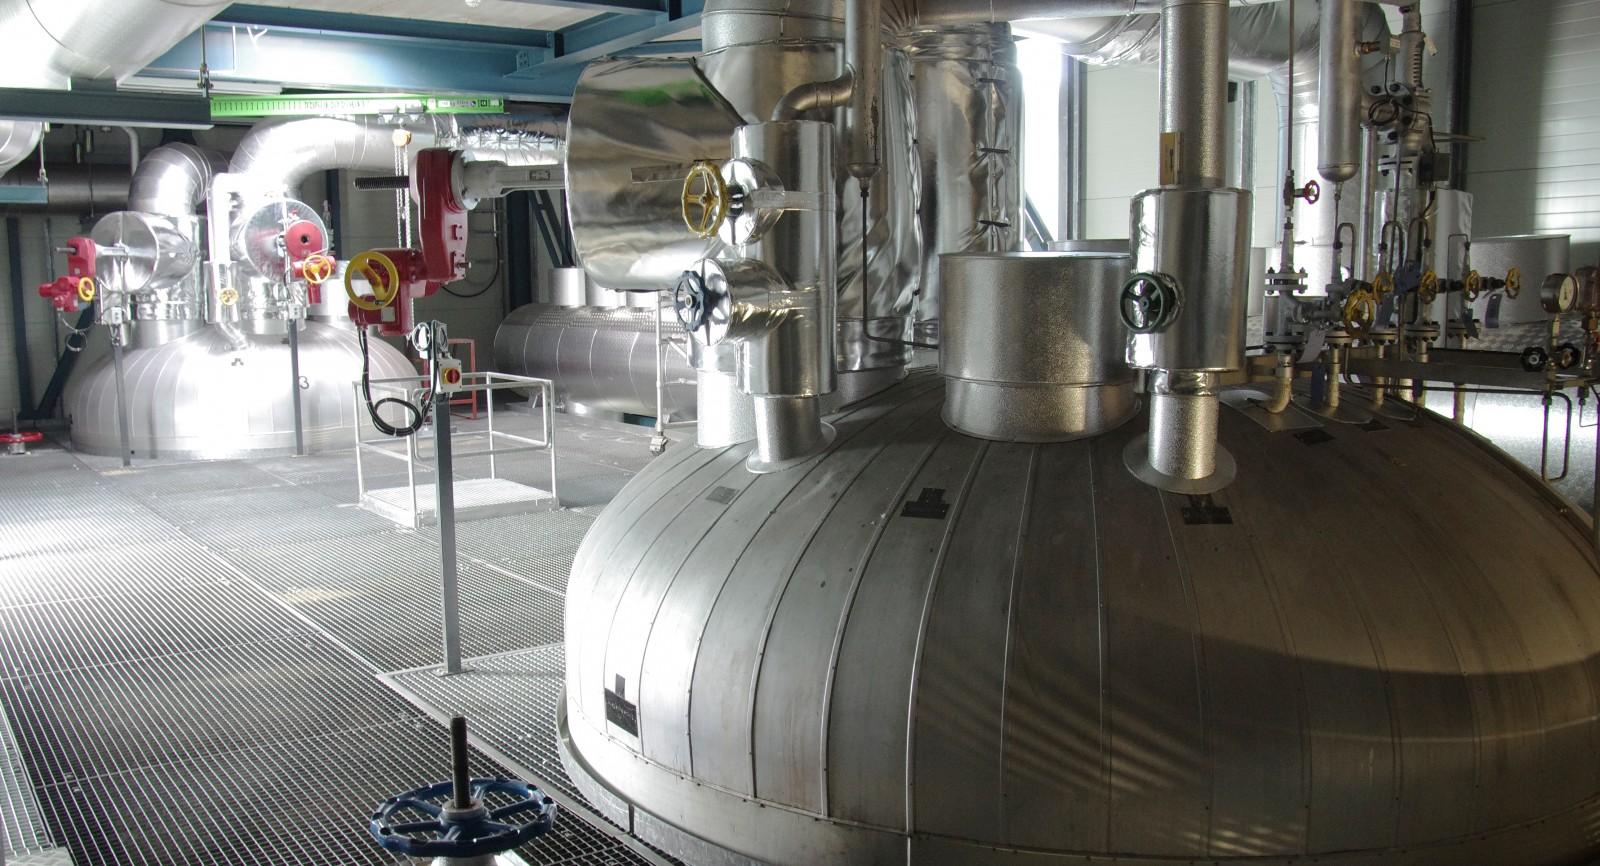 Speicher dienen zur Pufferung des heissen Wassers, mit dem die zahlreichen Gebäude des Flughafens versorgt werden.